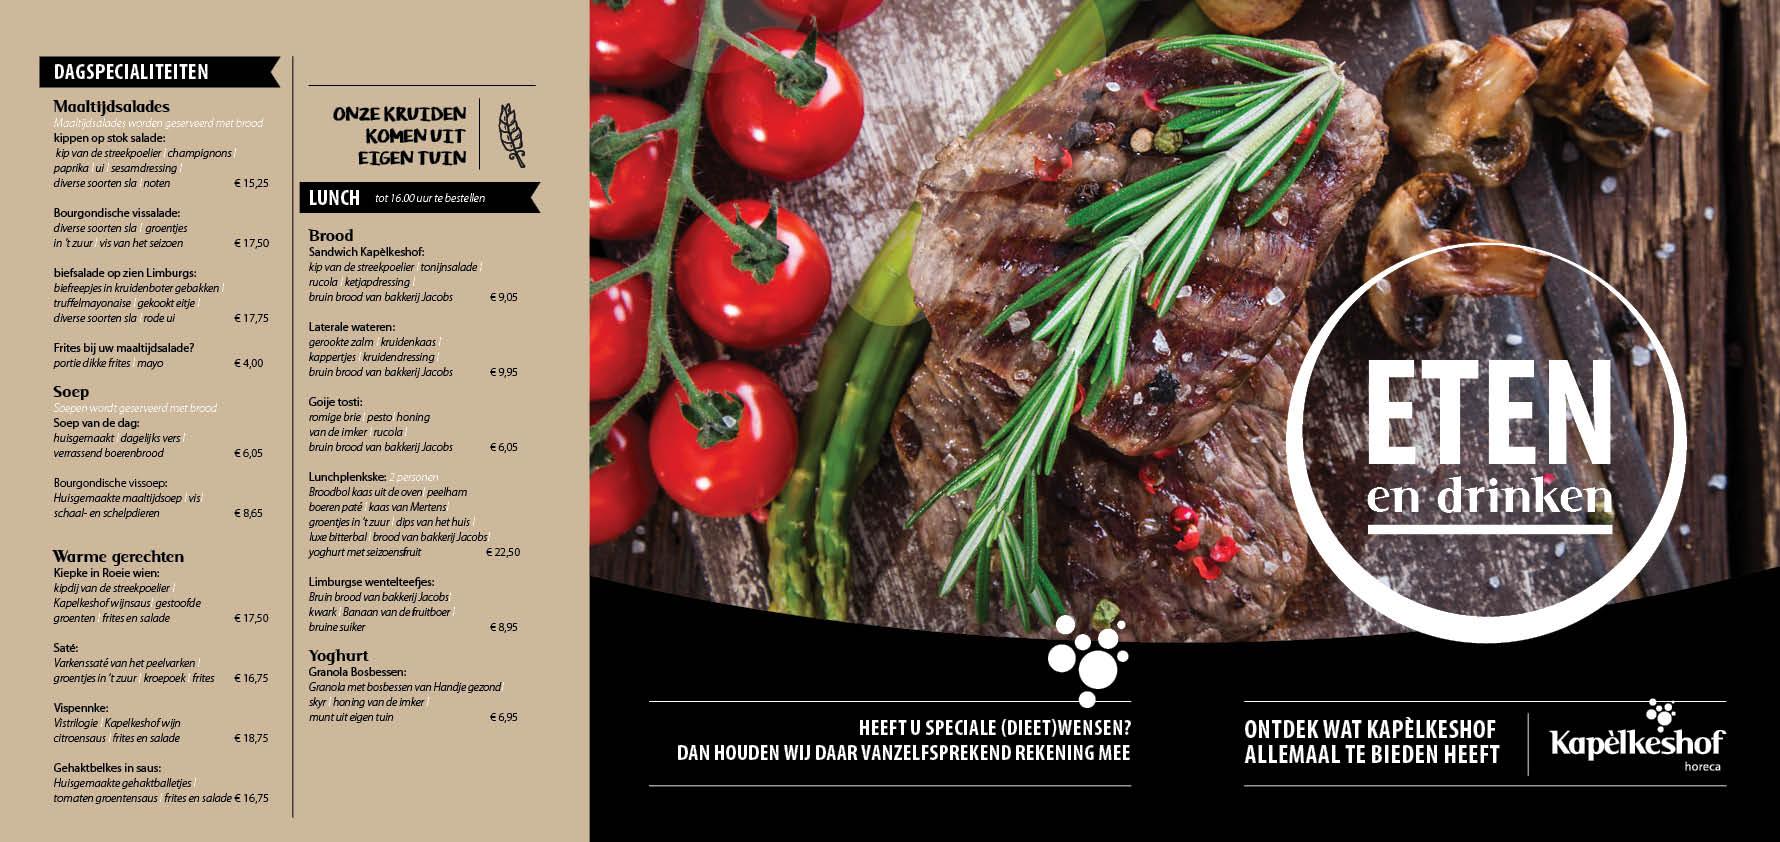 Kapelkeshof_menu_drieluik_2020 628x297